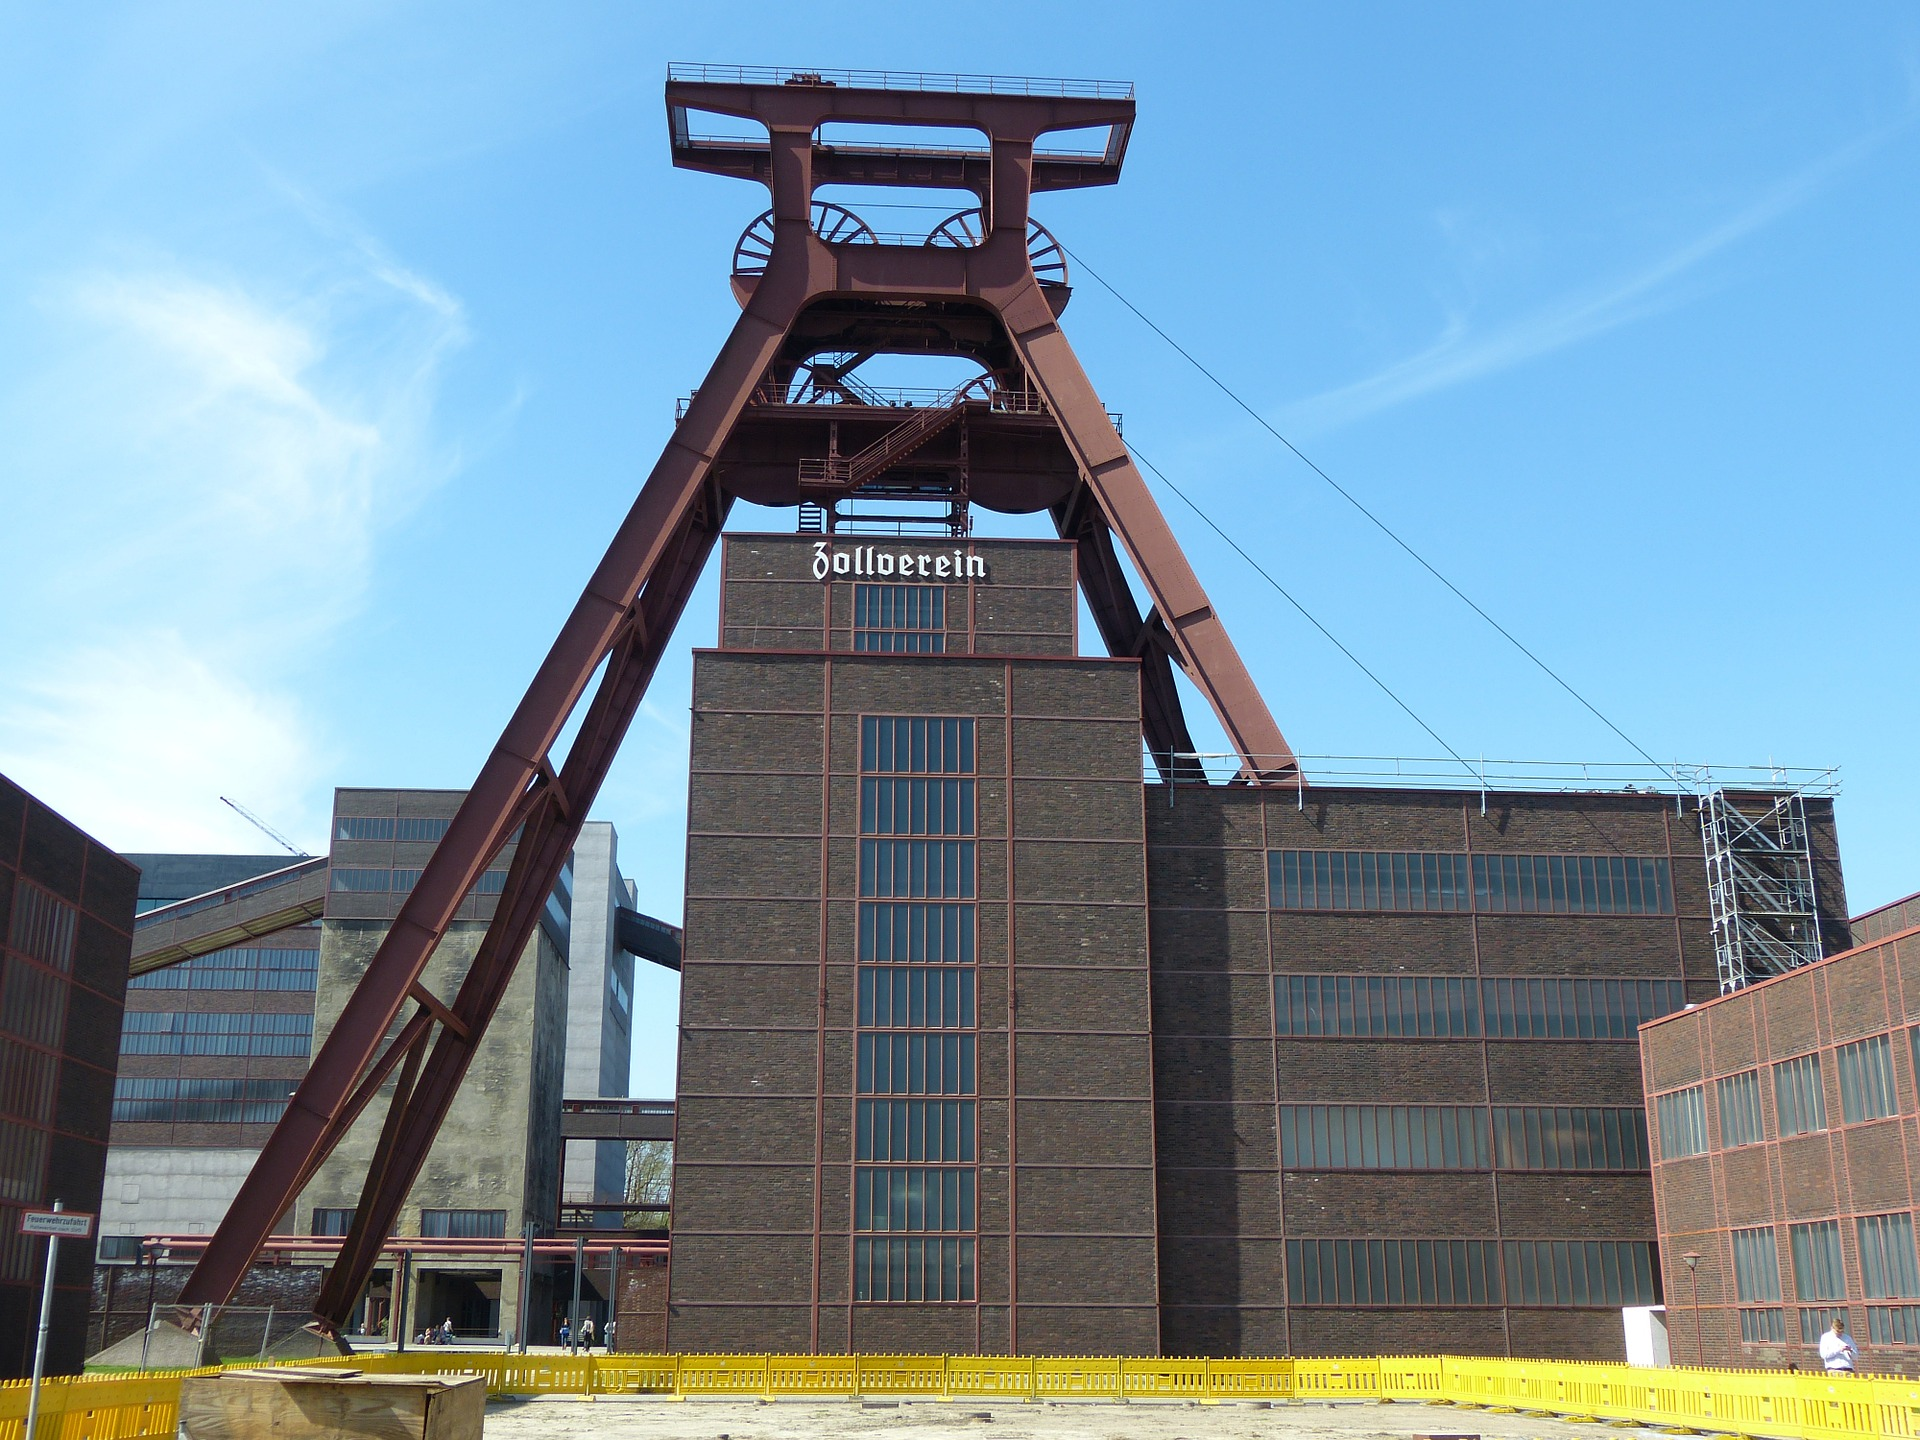 Zeche Zollverein Bild: Pixabay